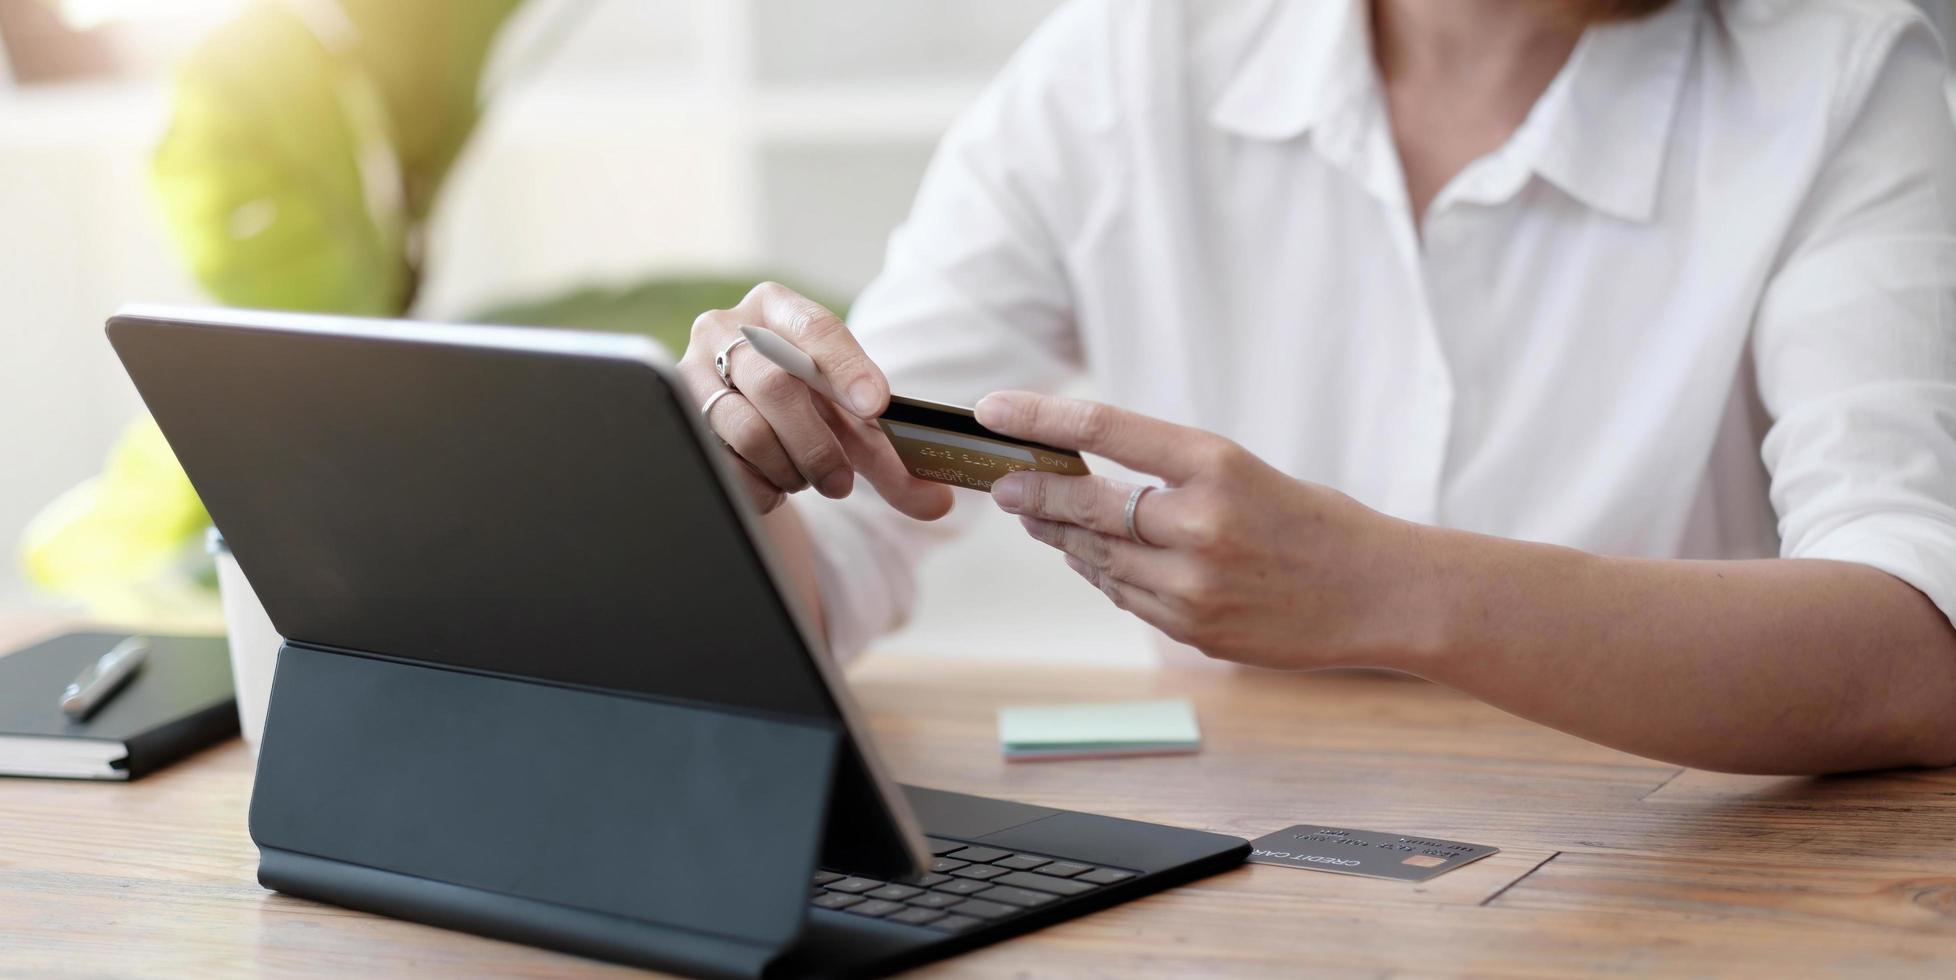 flicka gör ett köp på internet på datorn med kreditkort foto